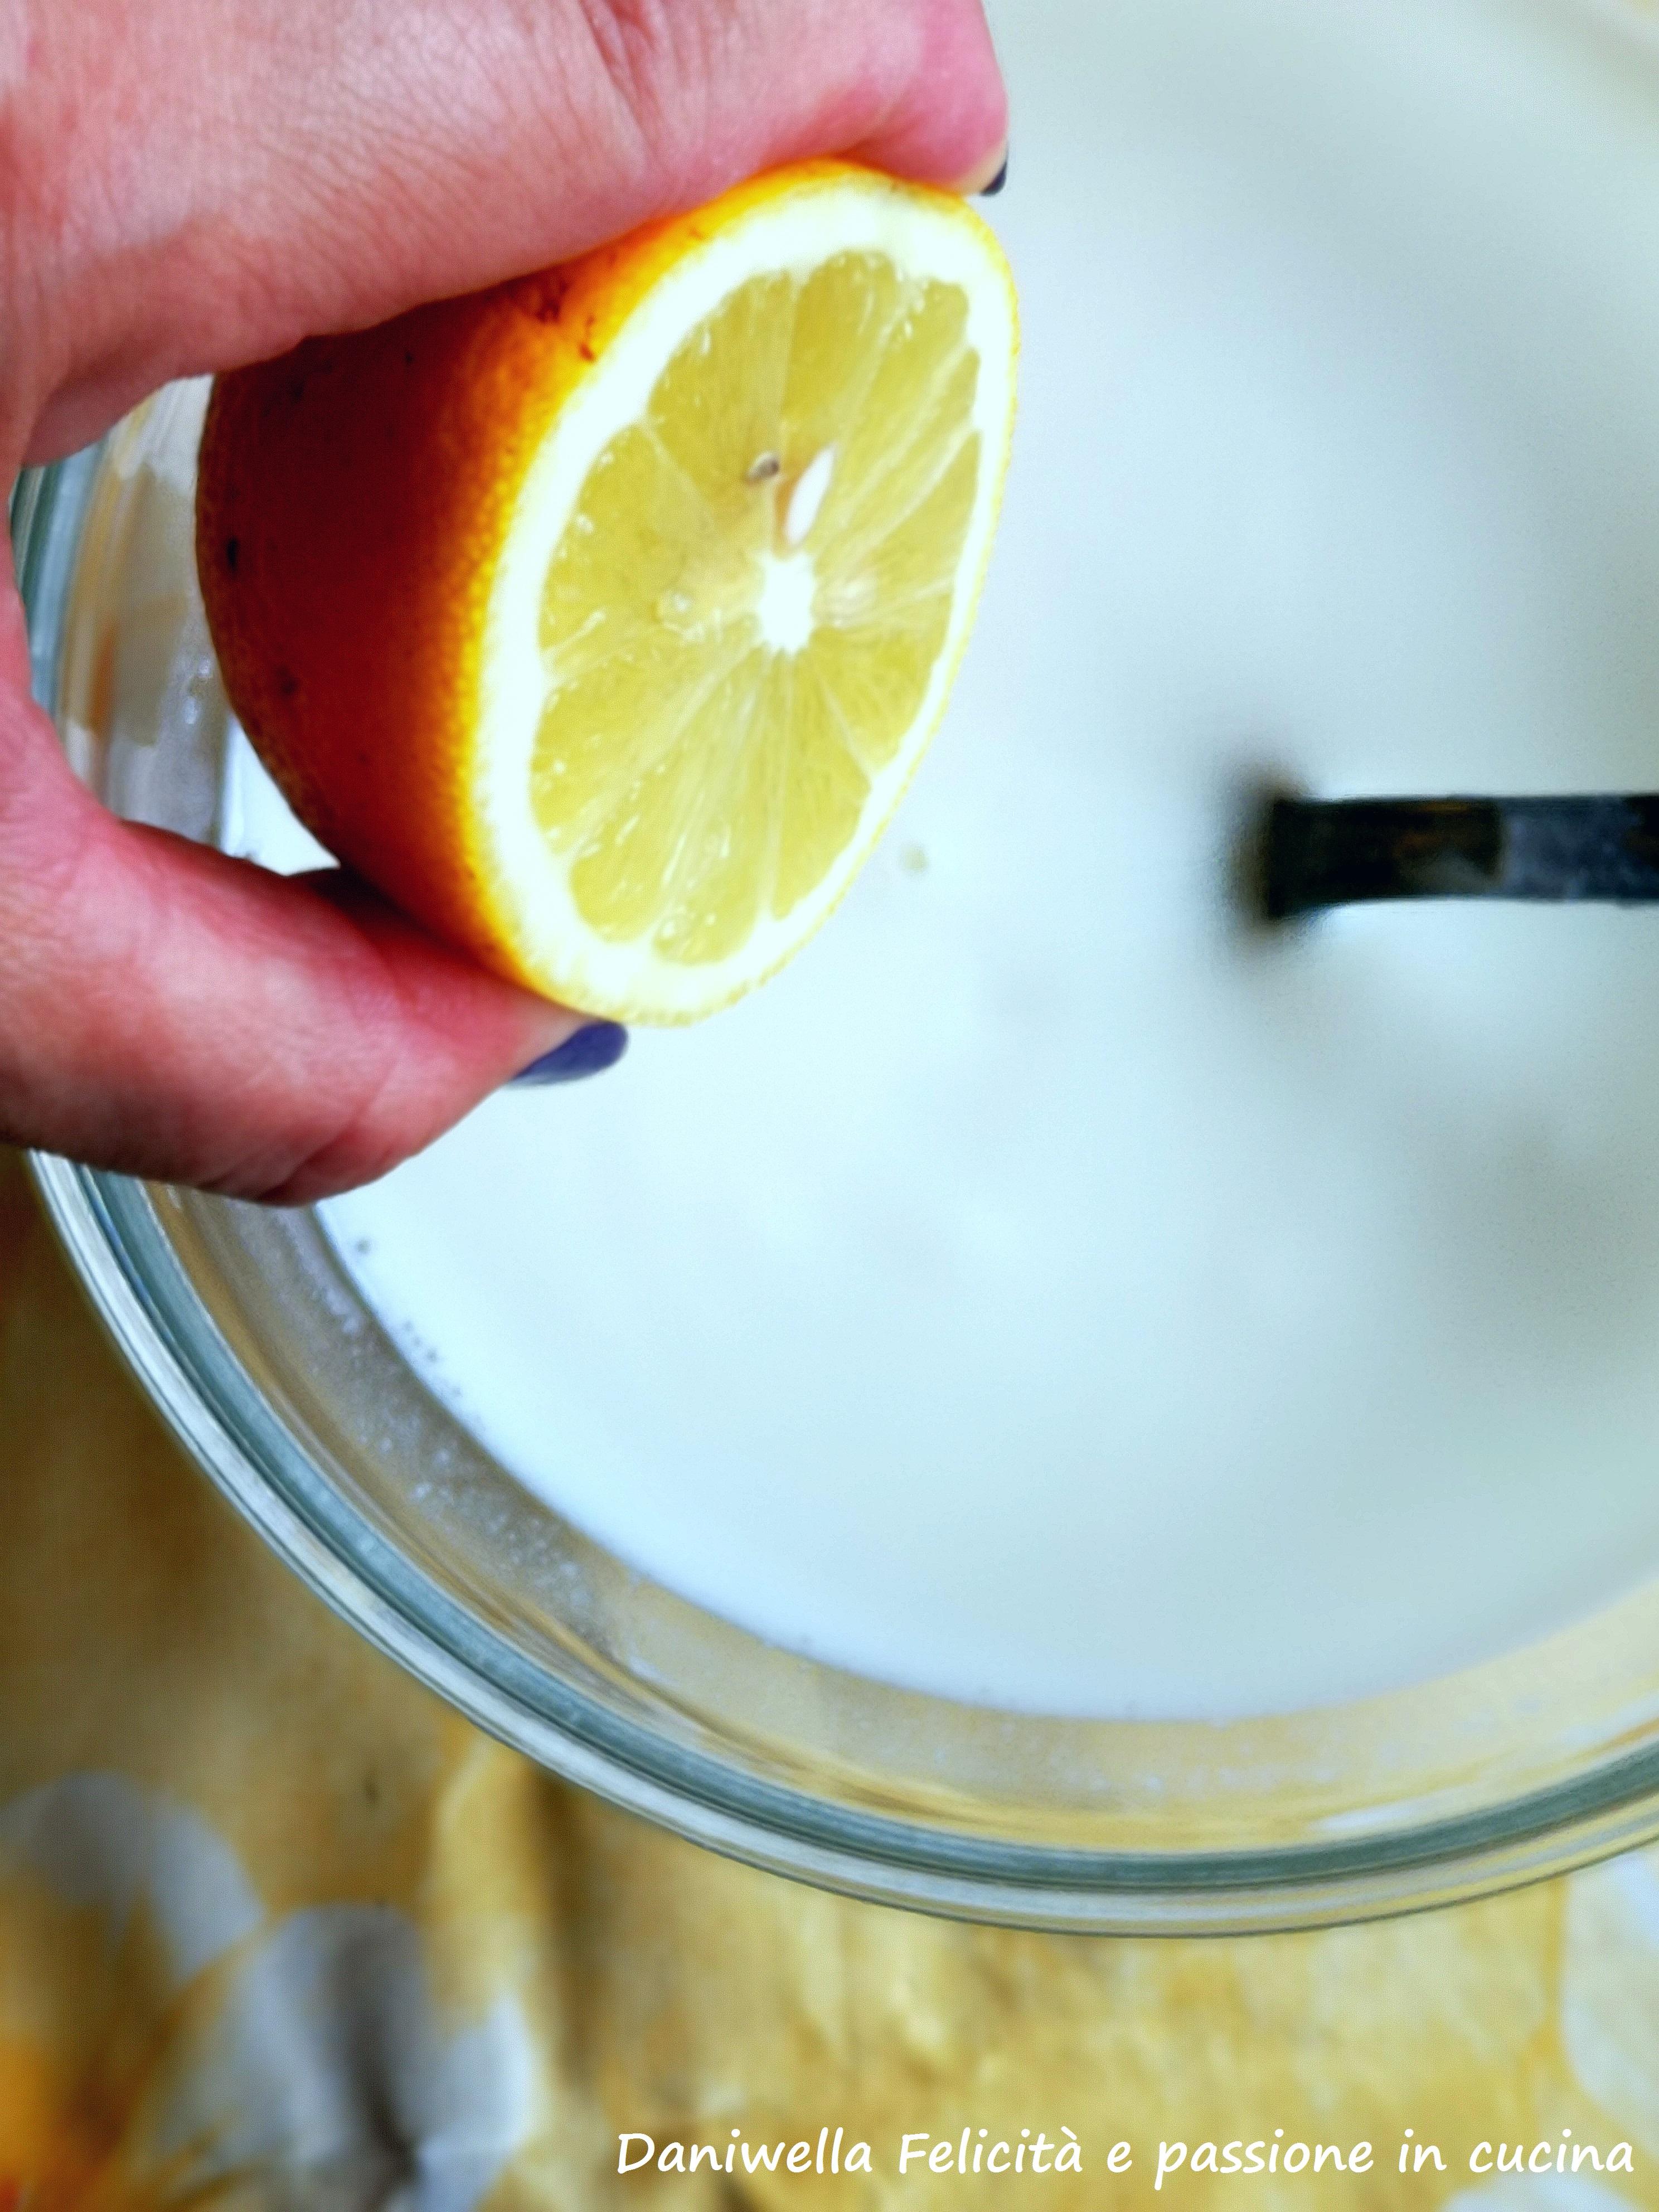 Aggiungete il succo di limone.